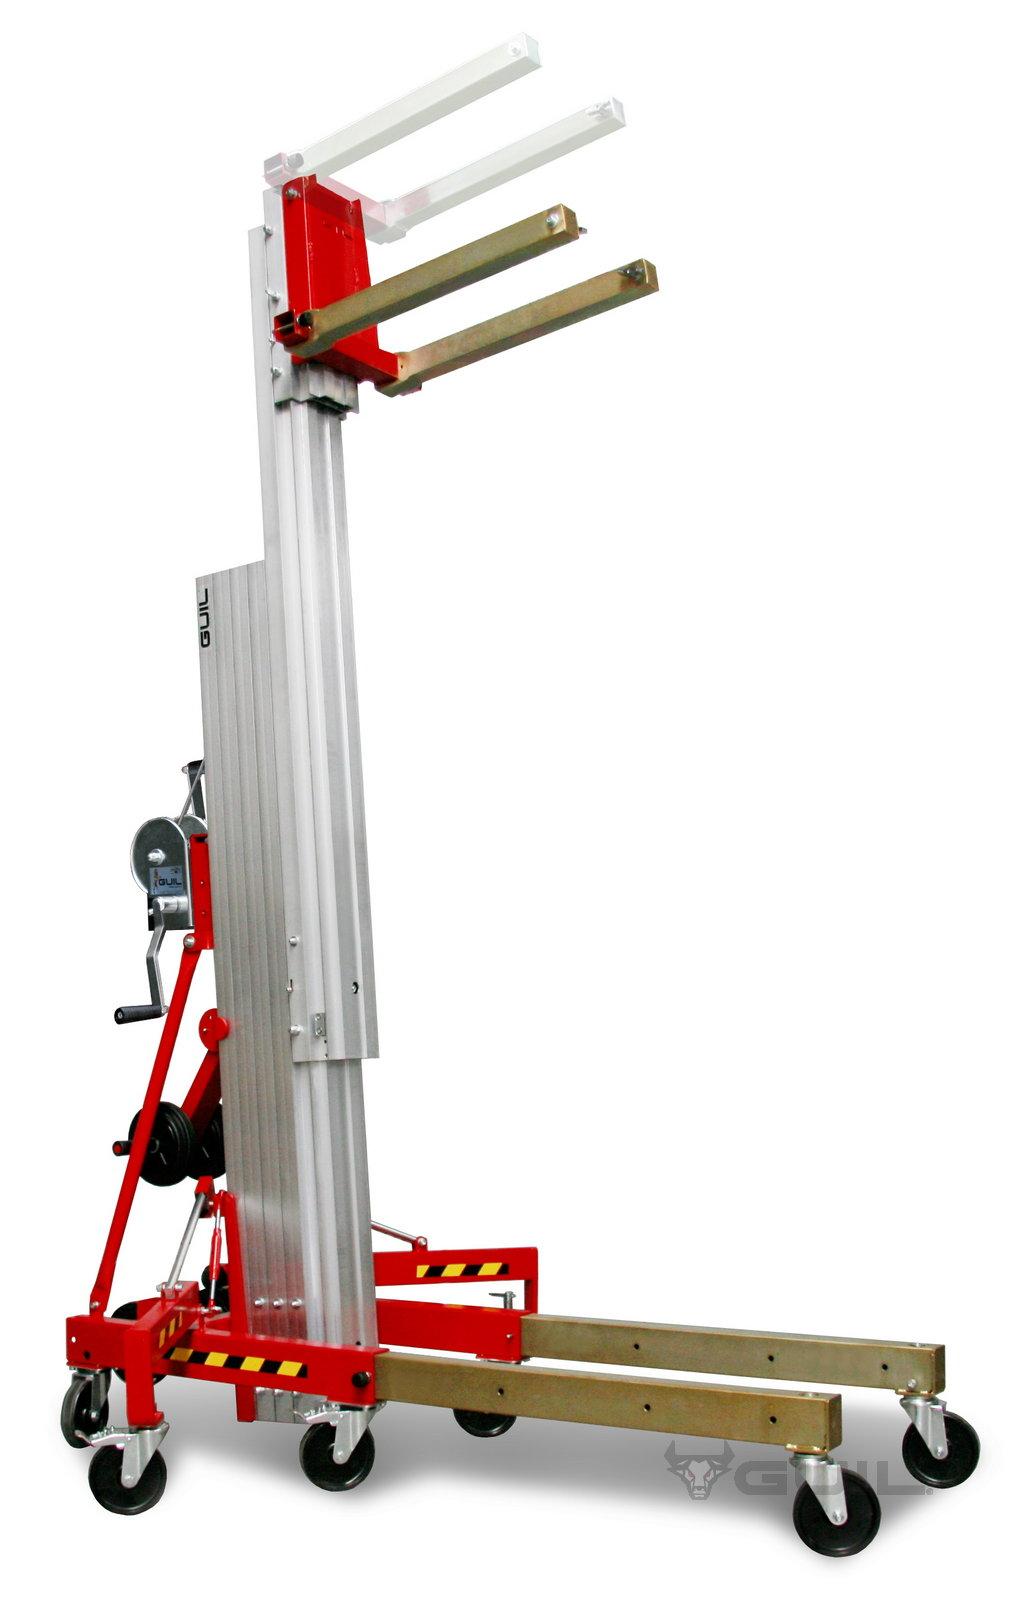 Kanaallift 8,00 m 350 kg (4)